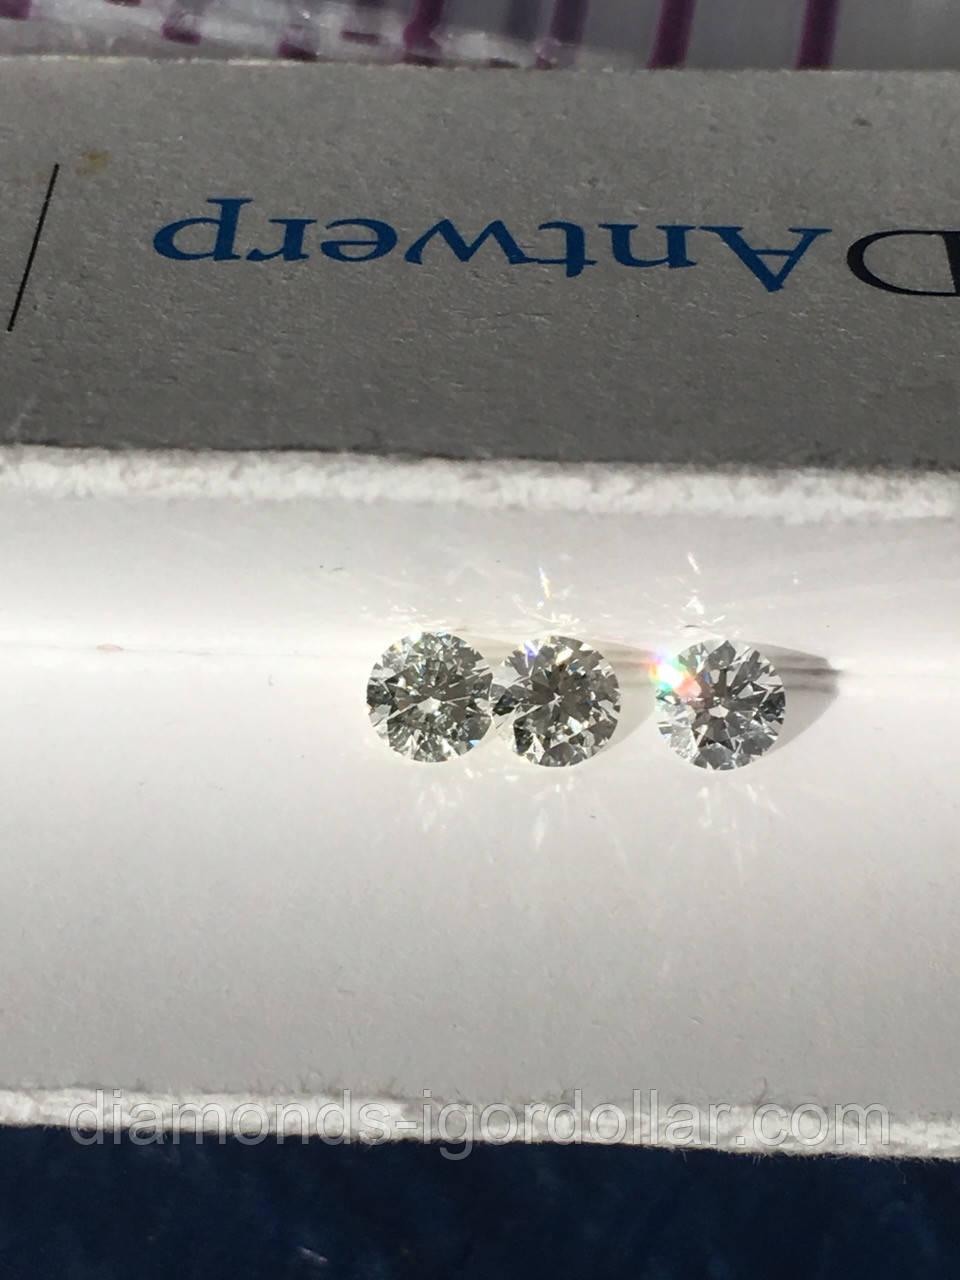 Бриллиант натуральный купить Украина  4,9 мм 0,45 кт 3/4-4/5 цена 740$